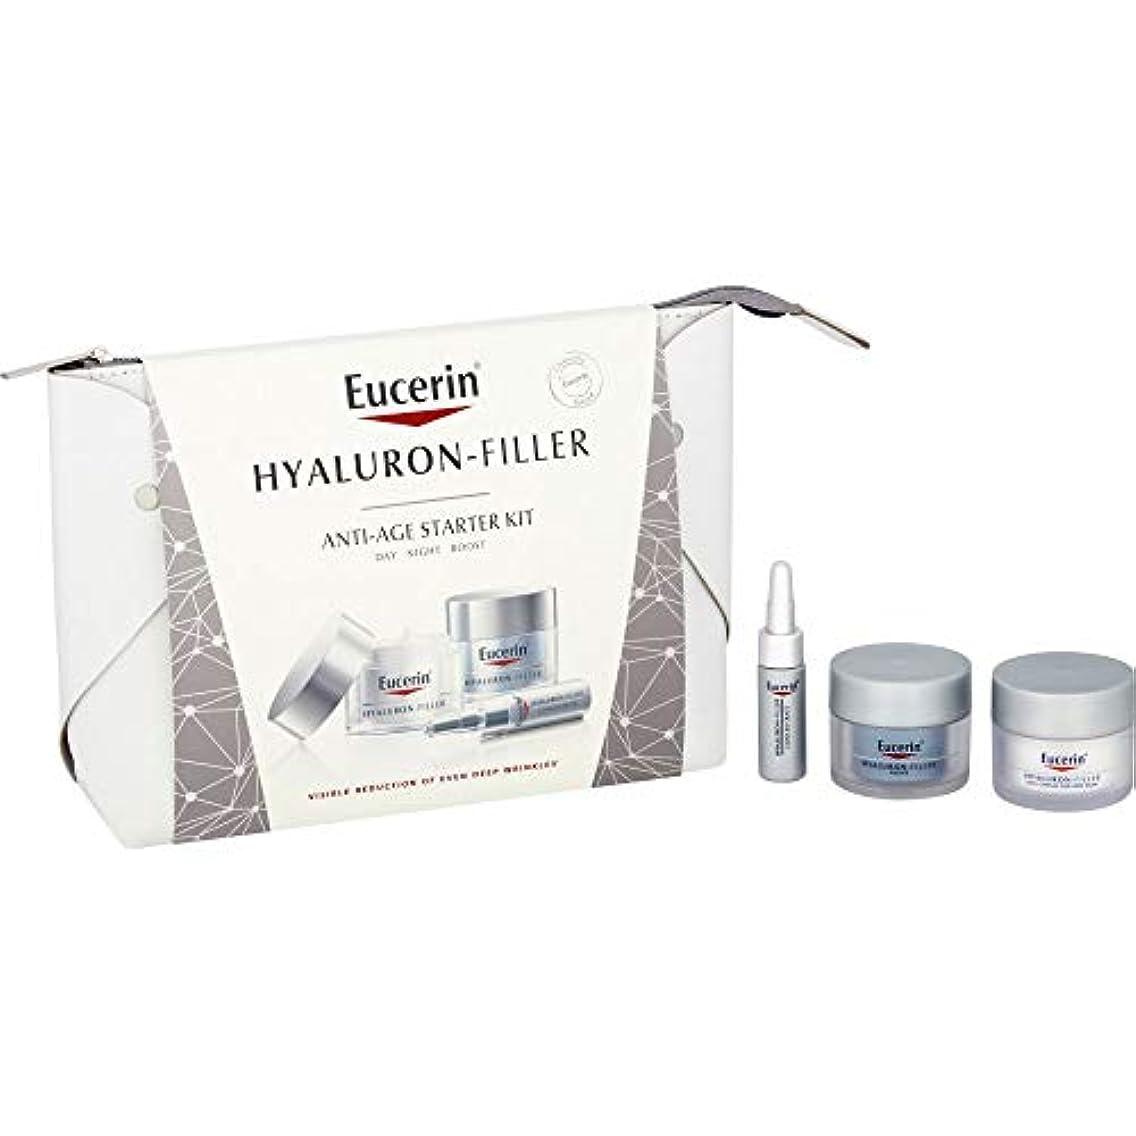 会話型コールドにぎやか[Eucerin] ユーセリンのヒアルロンフィラー抗加齢スターターキット - Eucerin Hyaluron-Filler Anti-Age Starter Kit [並行輸入品]